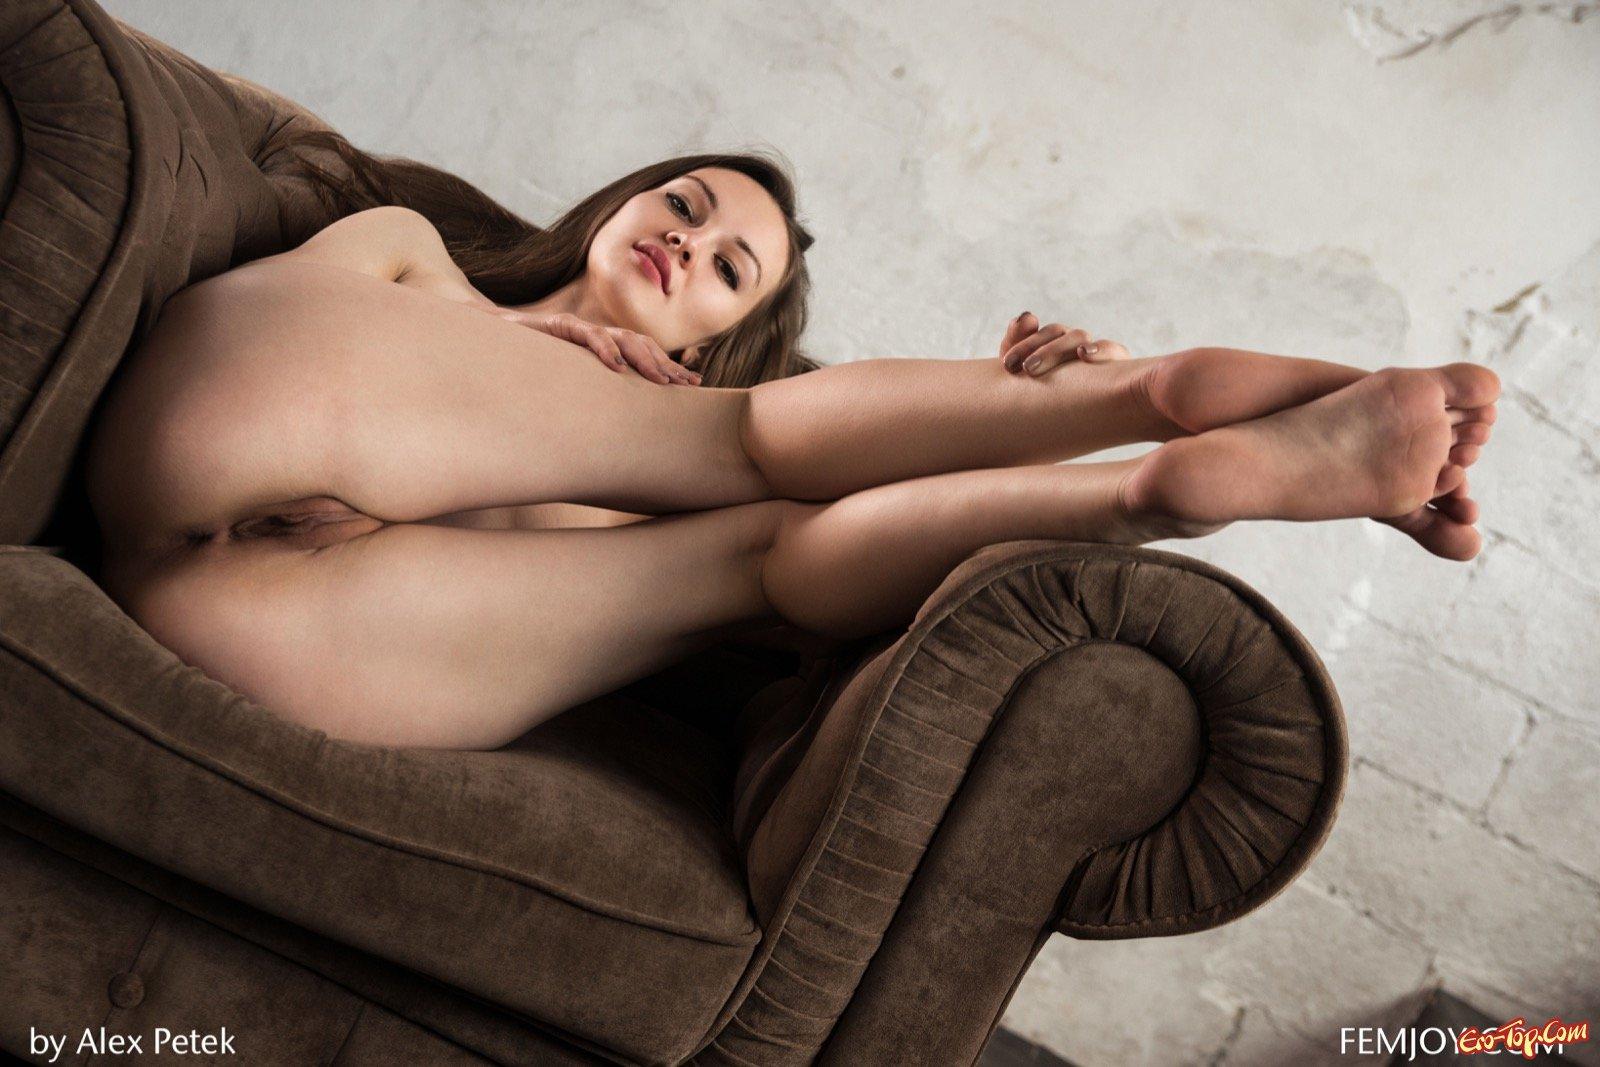 Показала роскошное голое тело под платьем секс фото